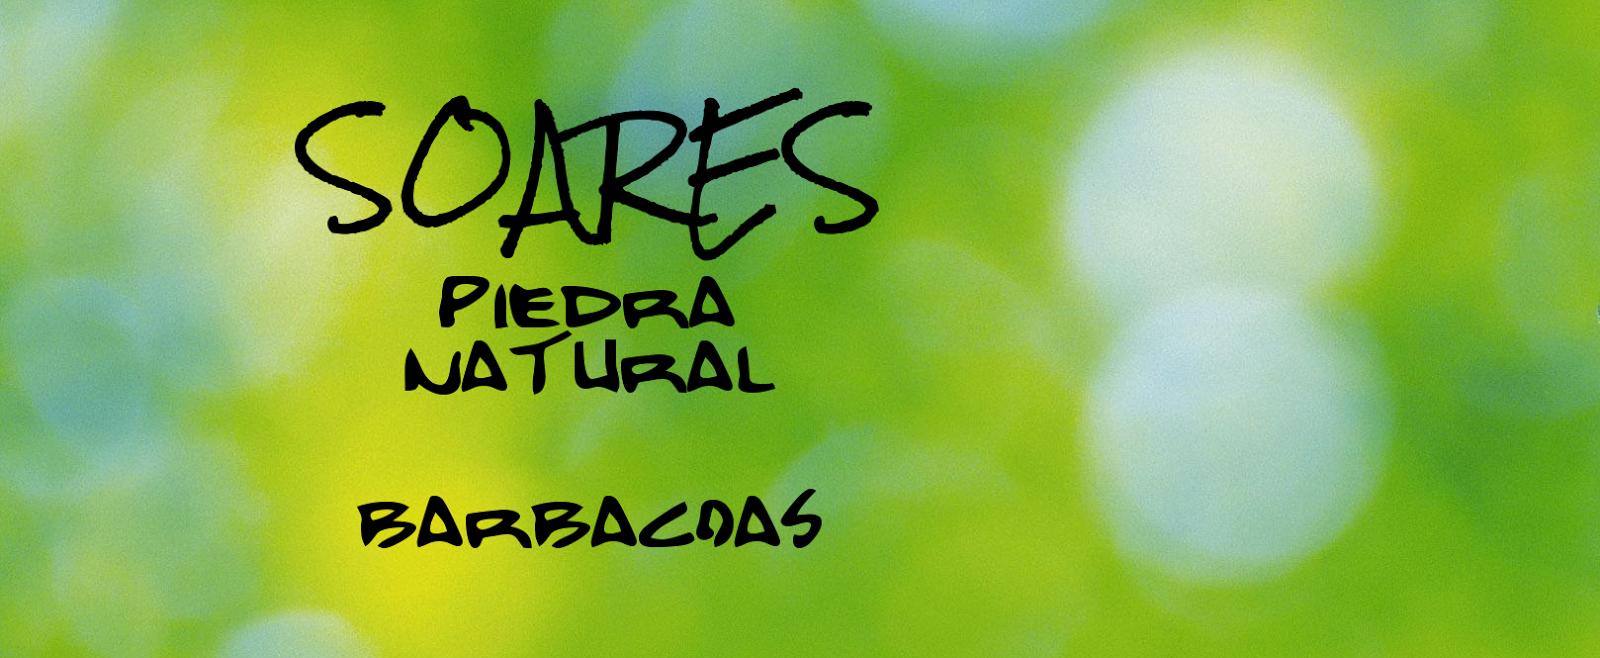 Soares revestimientos barbacoas en piedra natural - Barbacoas de piedra natural ...